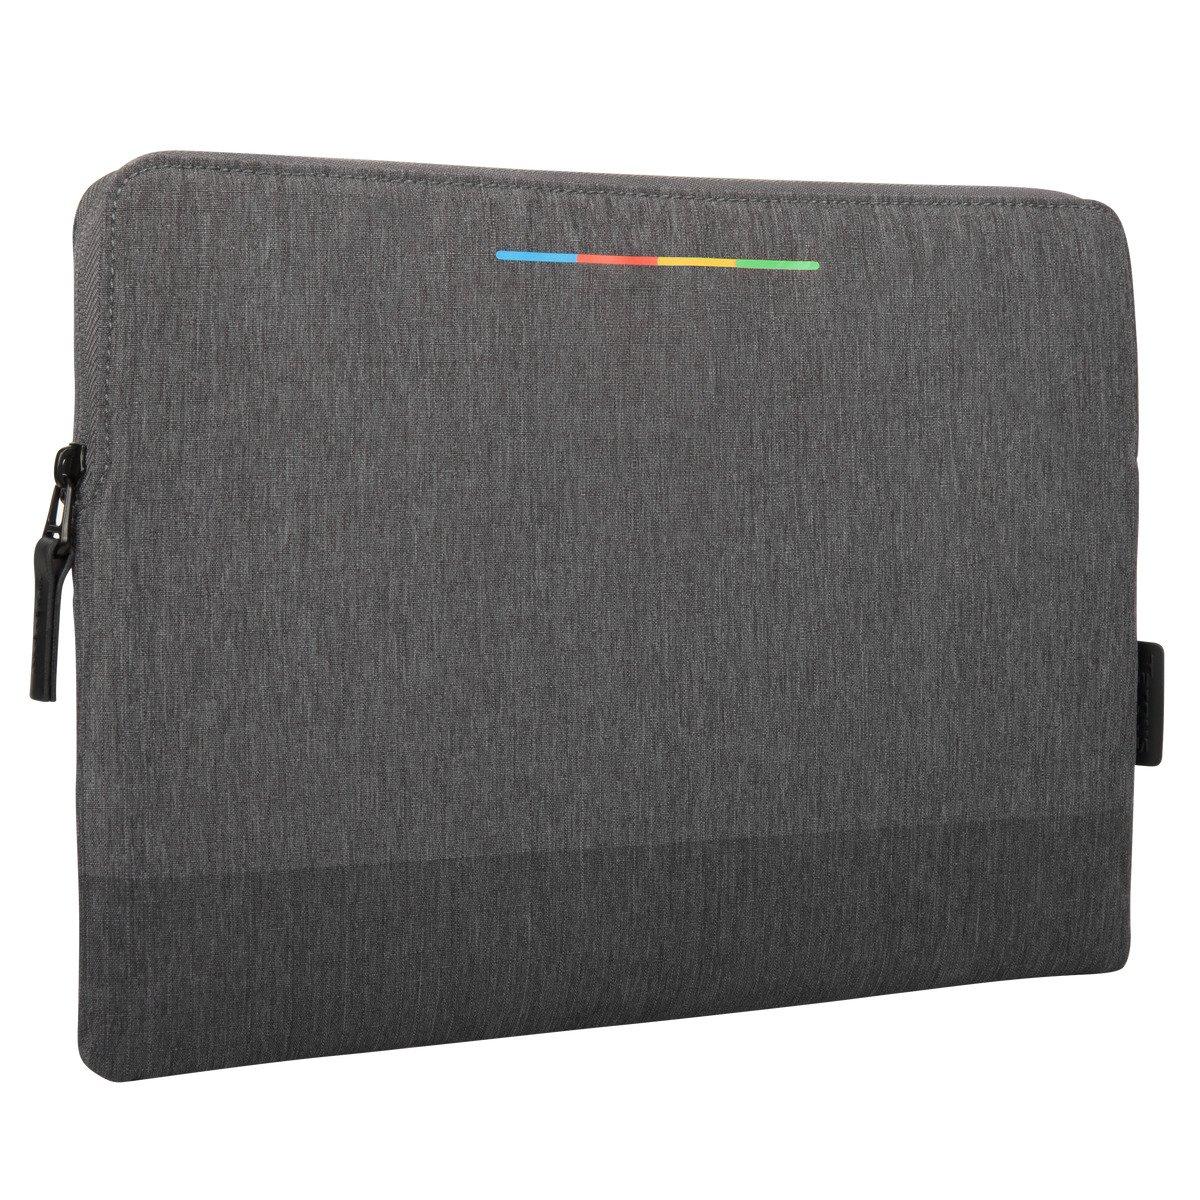 Chromebook Pixel laptop sleeve